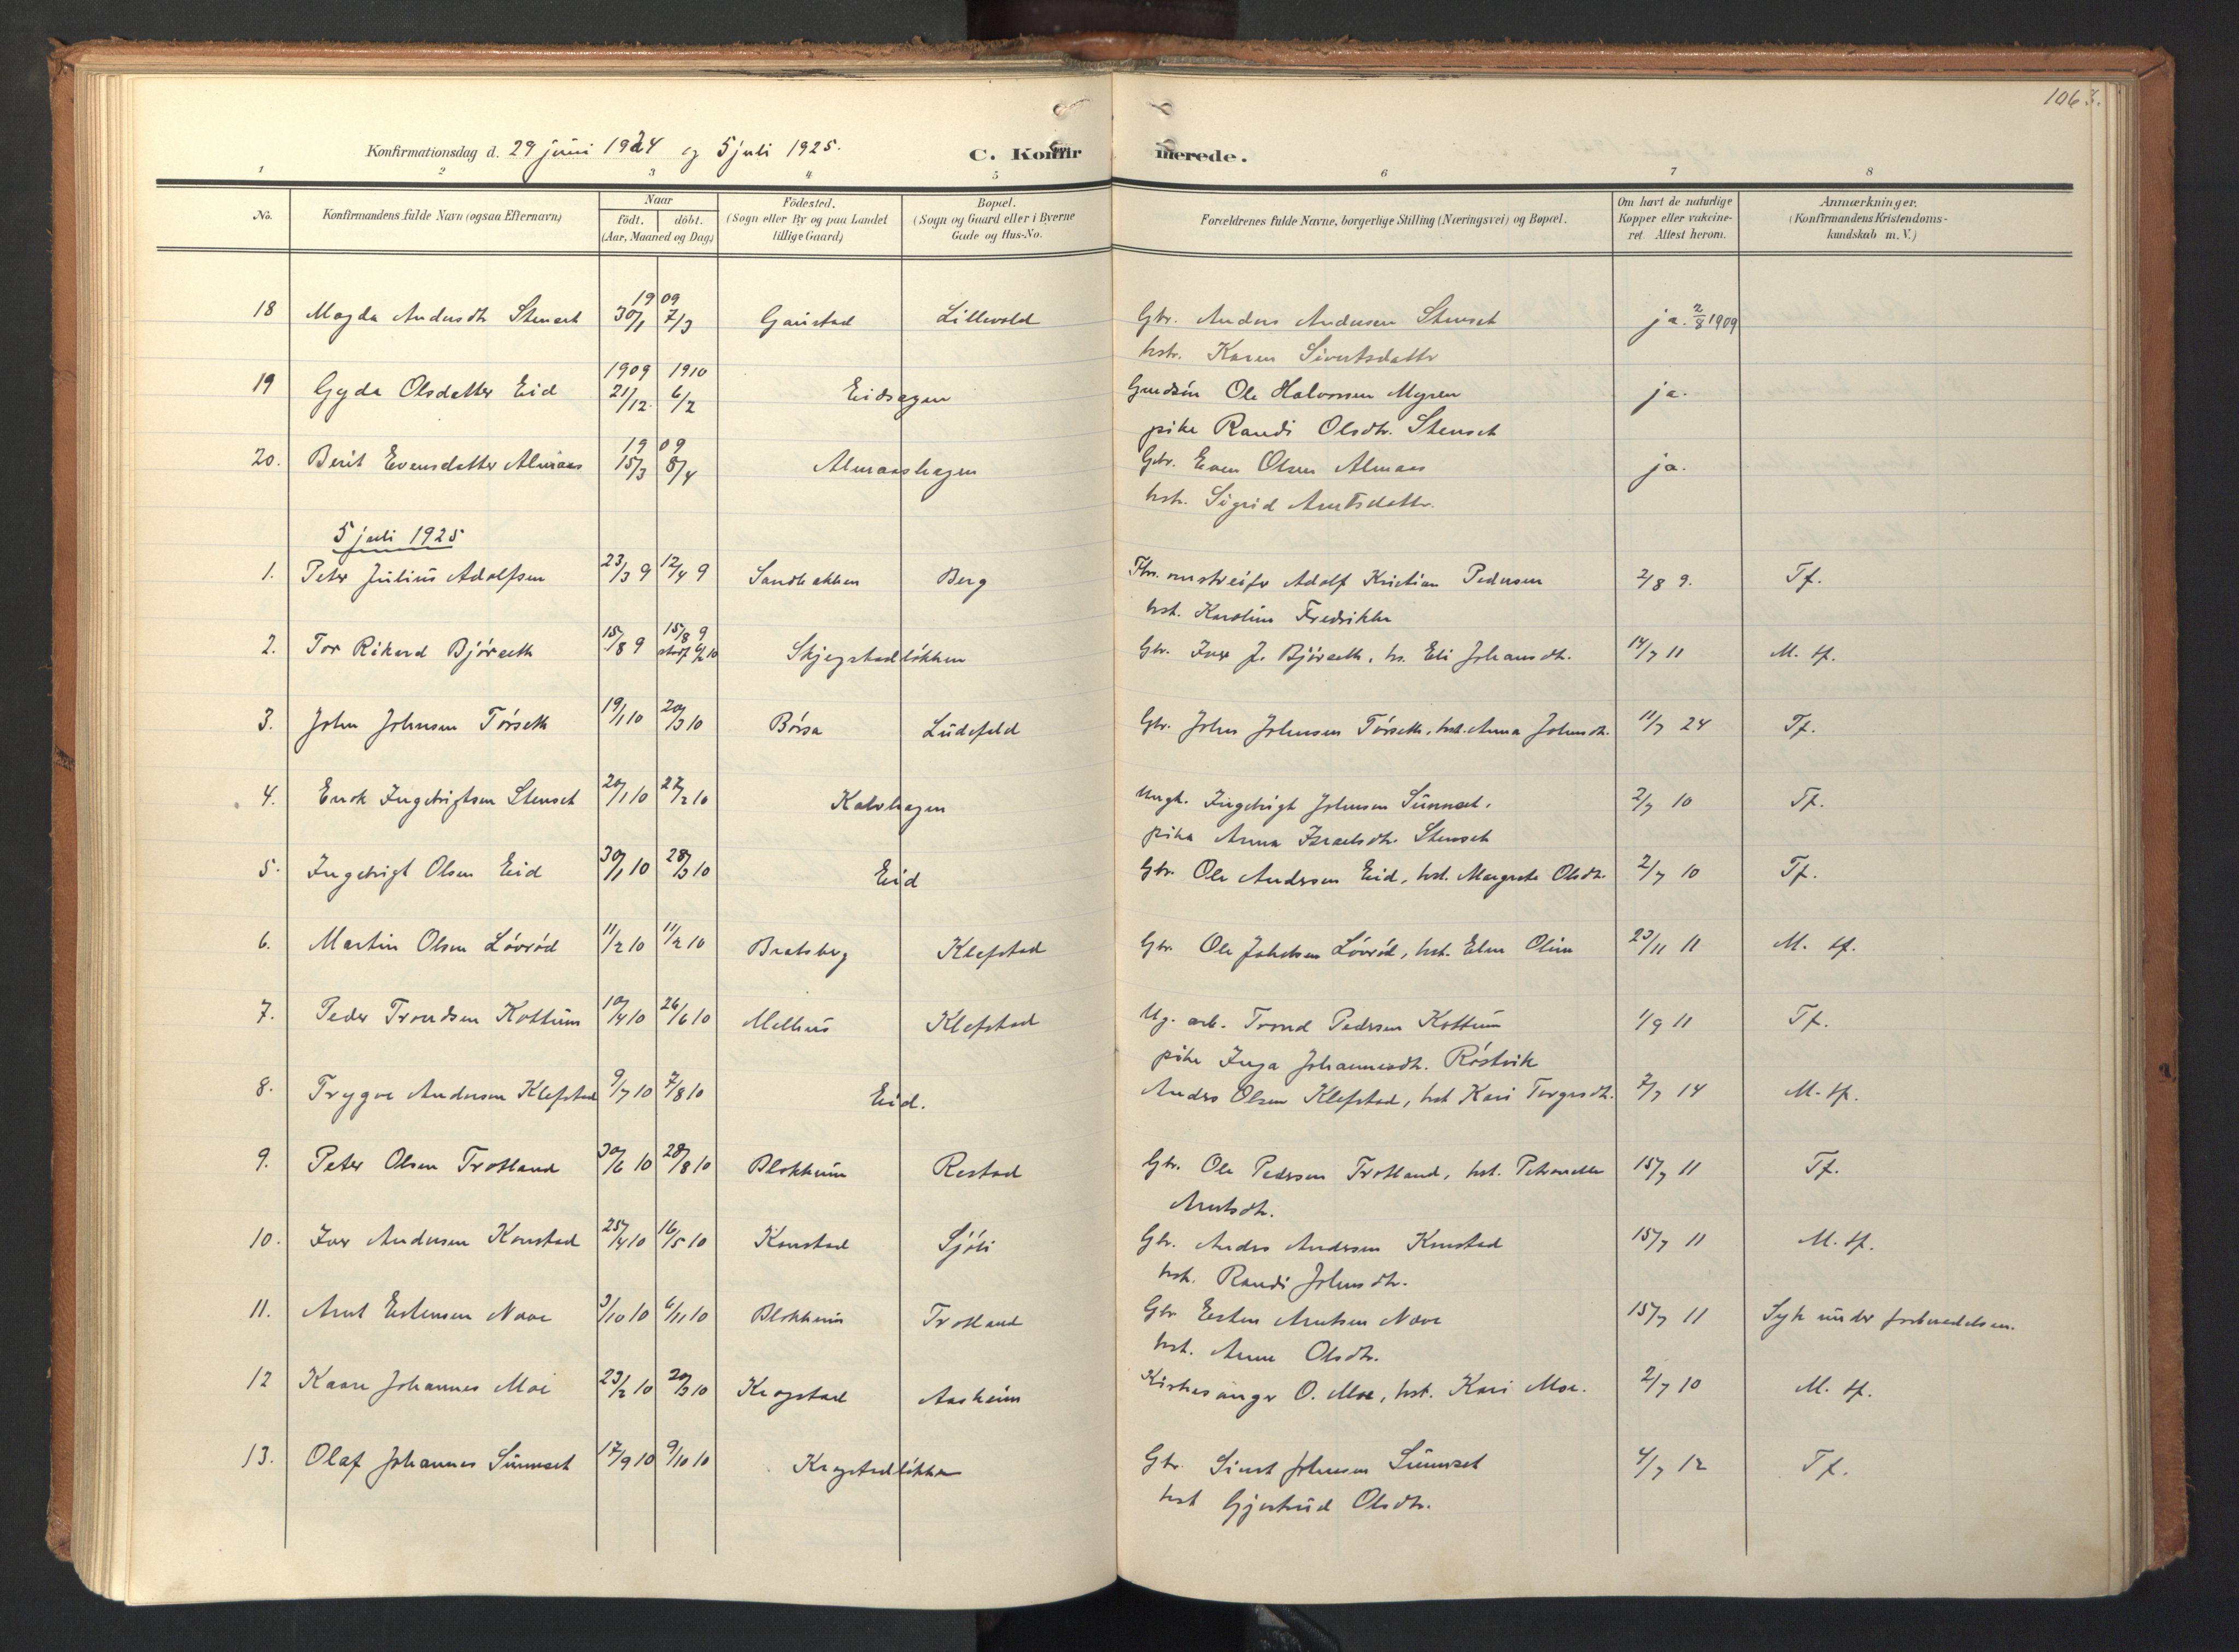 SAT, Ministerialprotokoller, klokkerbøker og fødselsregistre - Sør-Trøndelag, 694/L1128: Ministerialbok nr. 694A02, 1906-1931, s. 106